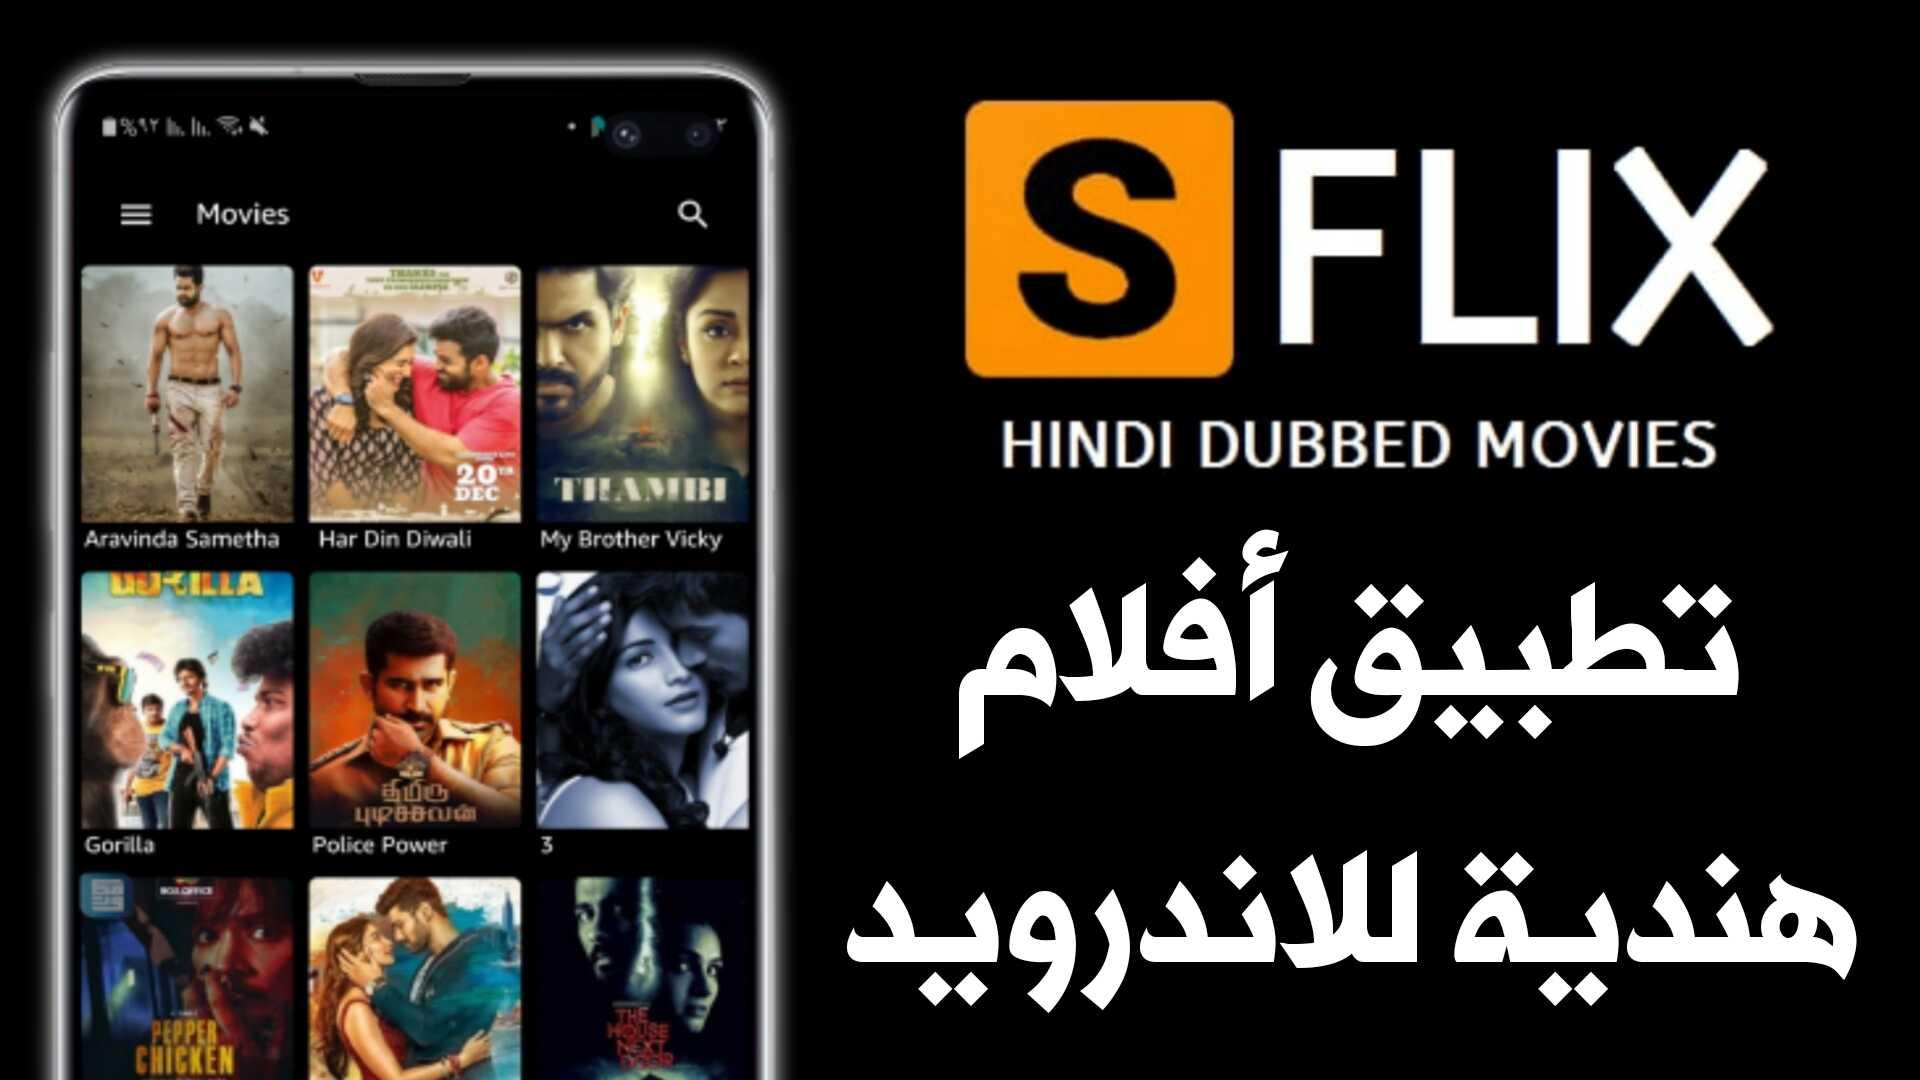 تطبيق أفلام هندية للاندرويد الأفضل لعام 2021